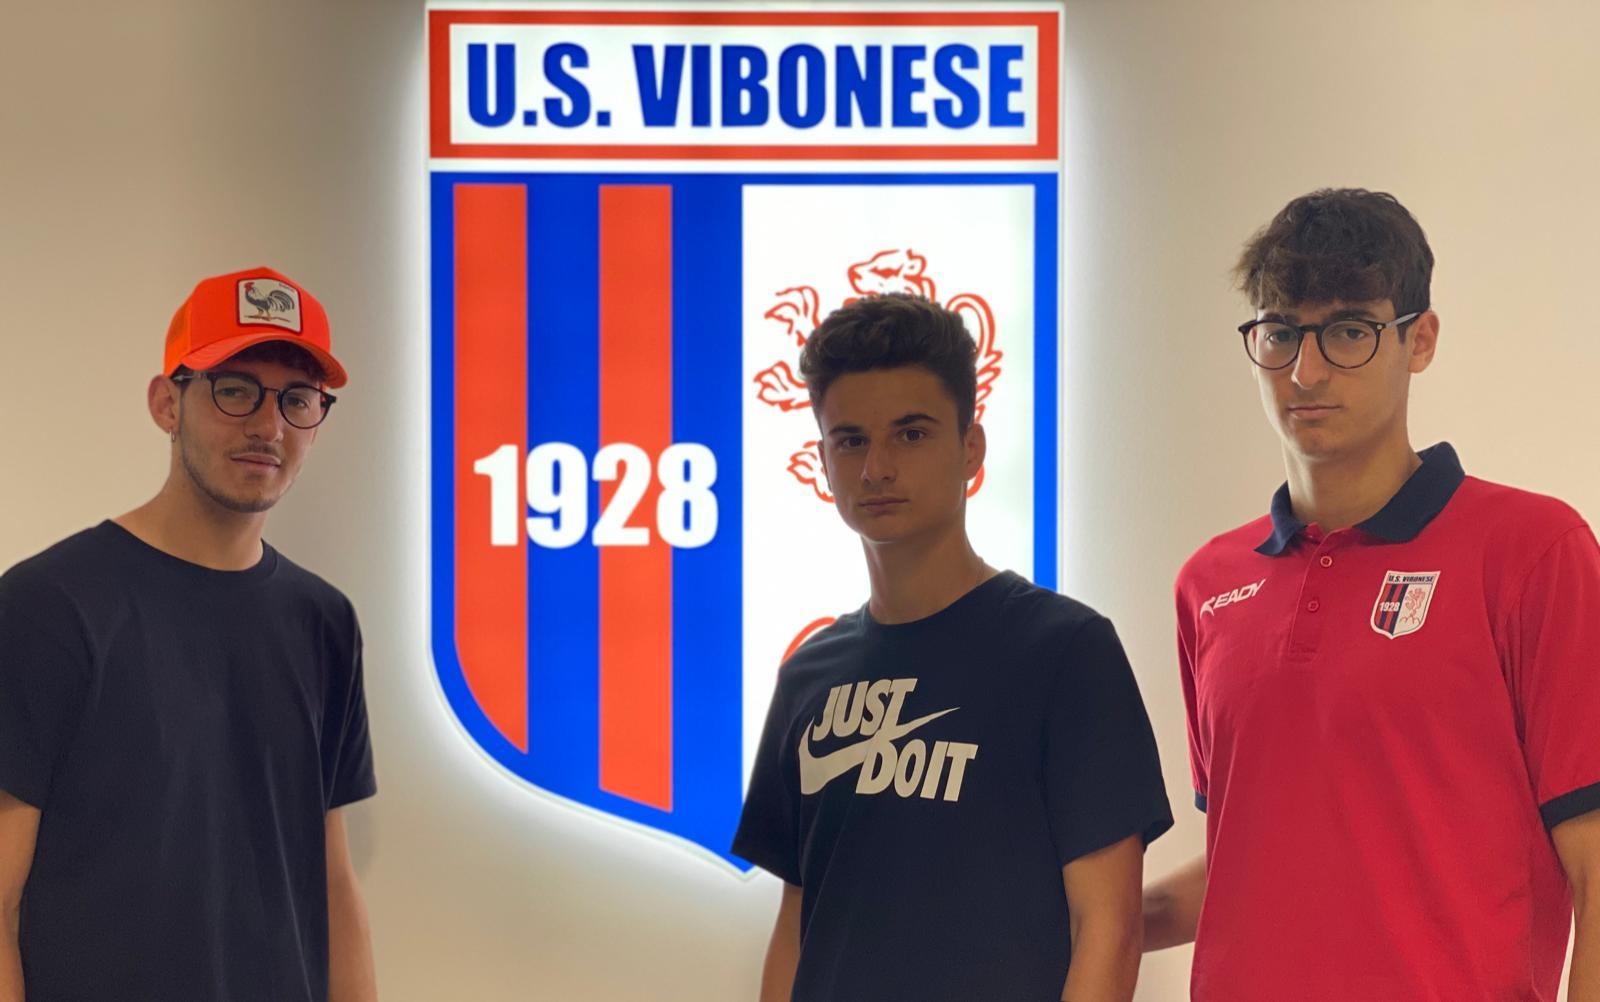 UFFICIALE | Tre nuovi innesti: Montagno, Falla e Leone in rossoblu immagine 15137 US Vibonese Calcio